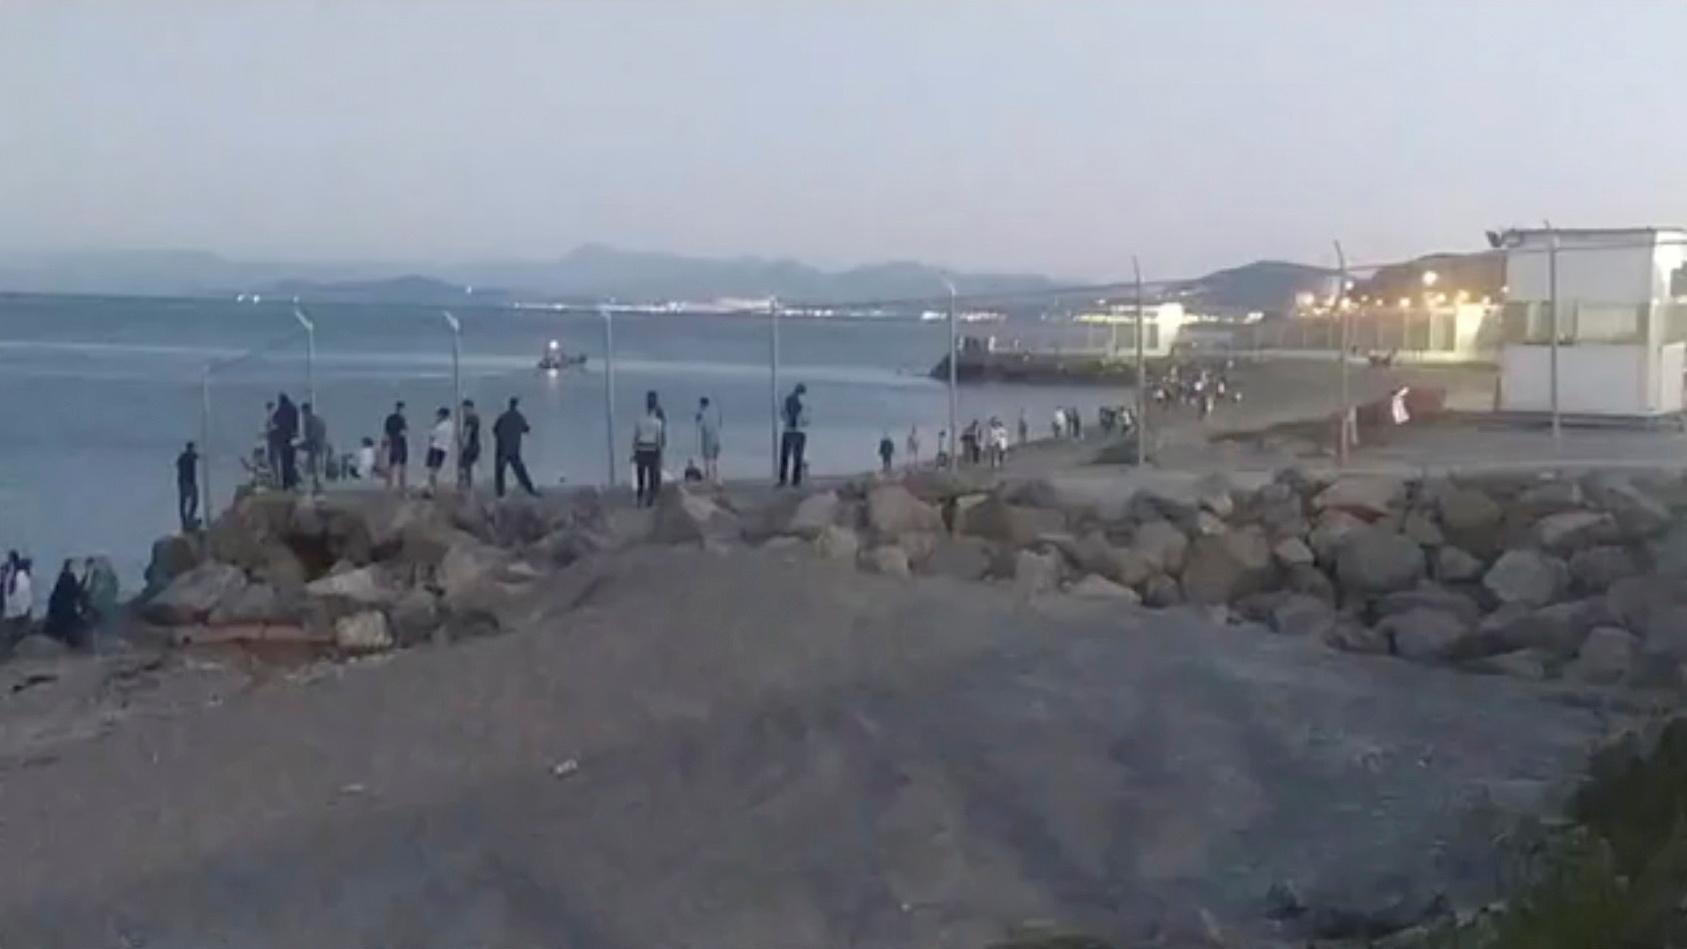 السلطات الإسبانية: نحو 5 آلاف مغربي دخلوا سبتة بصورة غير شرعية